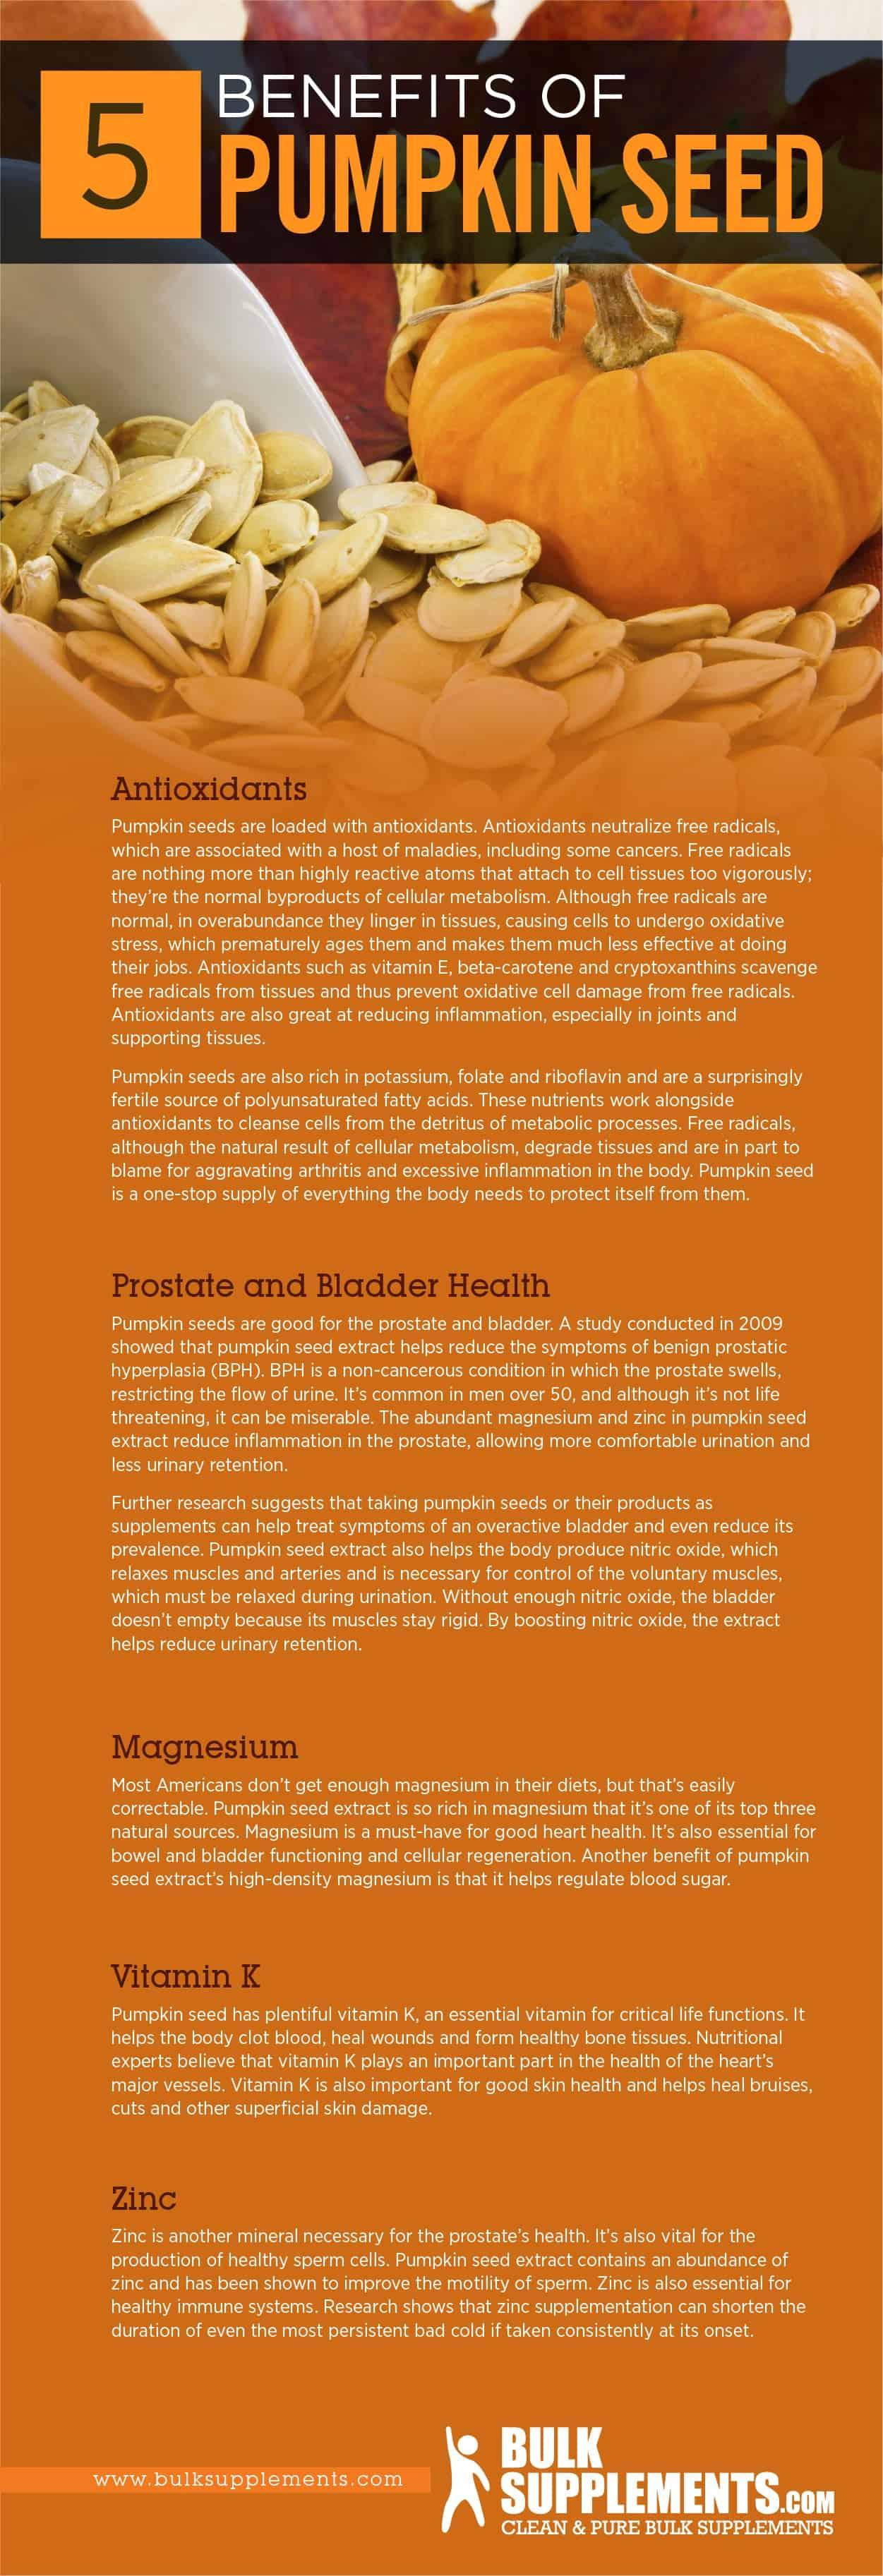 Pumpkin Seed Benefits